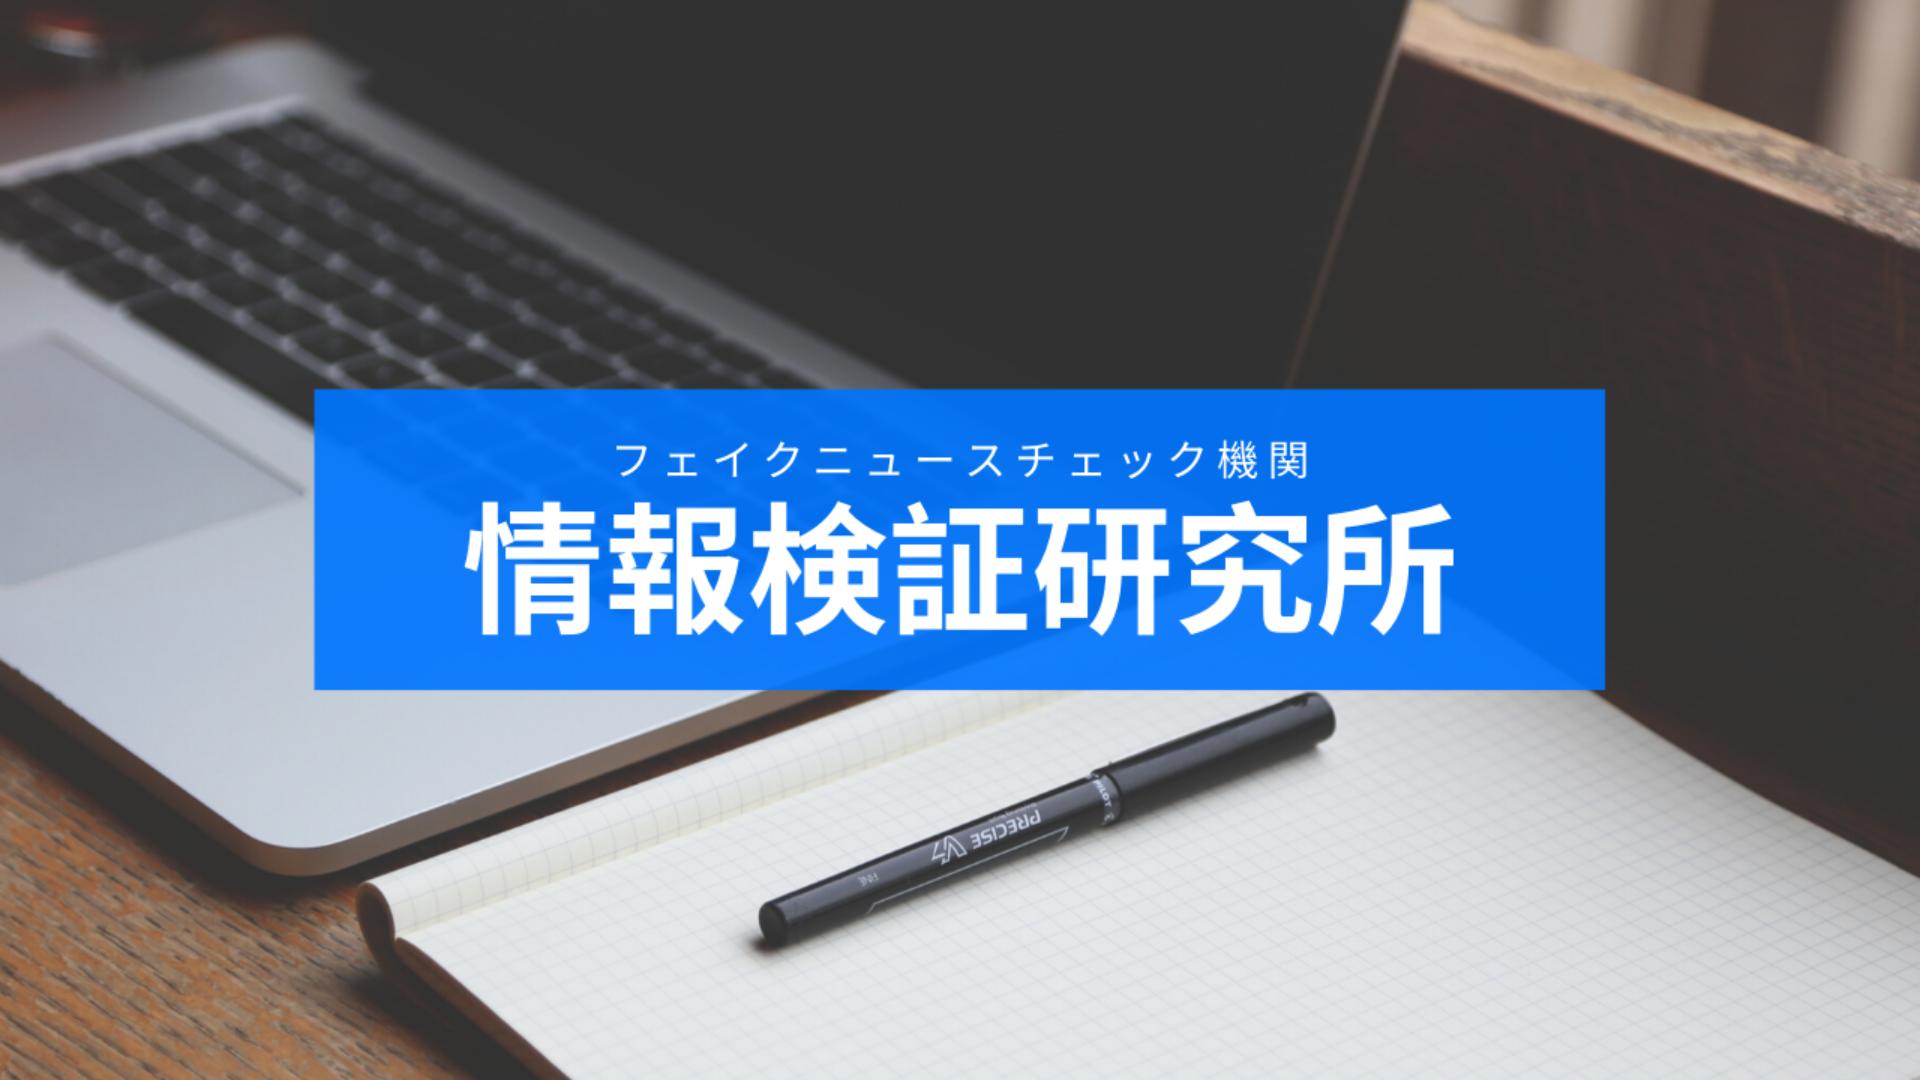 政策カフェ - フェイクニュースチェック機関「情報検証研究所」 - DMM オンラインサロン